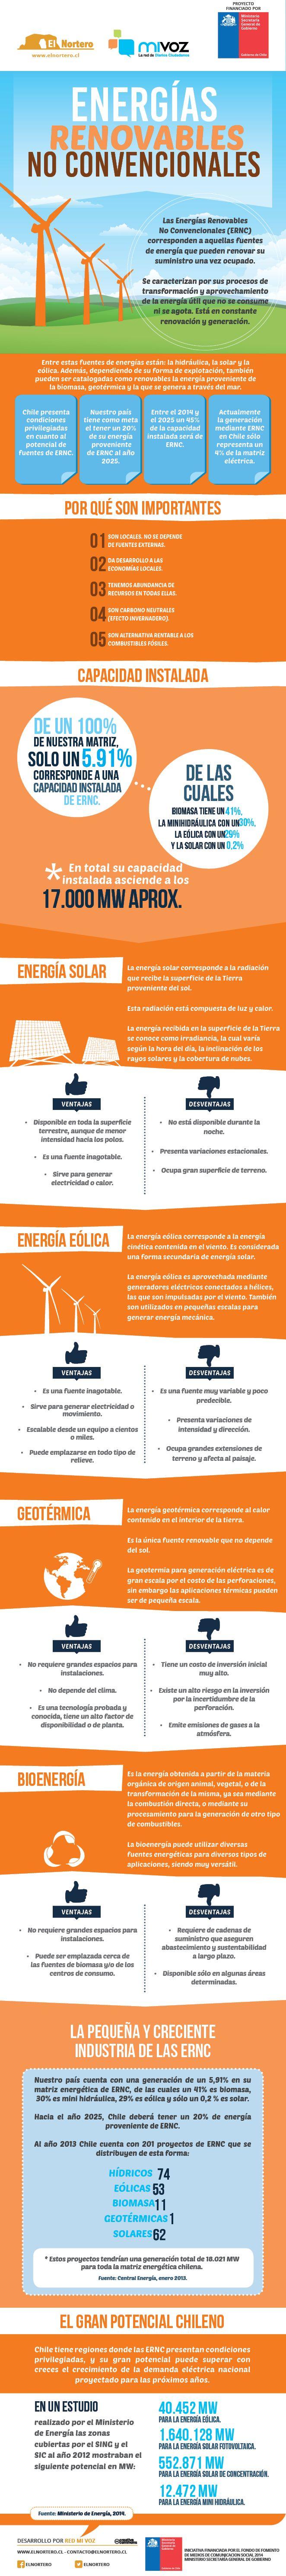 [Infografía] El desarrollo de energías renovables y no convencionales en la Región de Antofagasta | El Nortero.cl, Noticias de Antofagasta y Calama